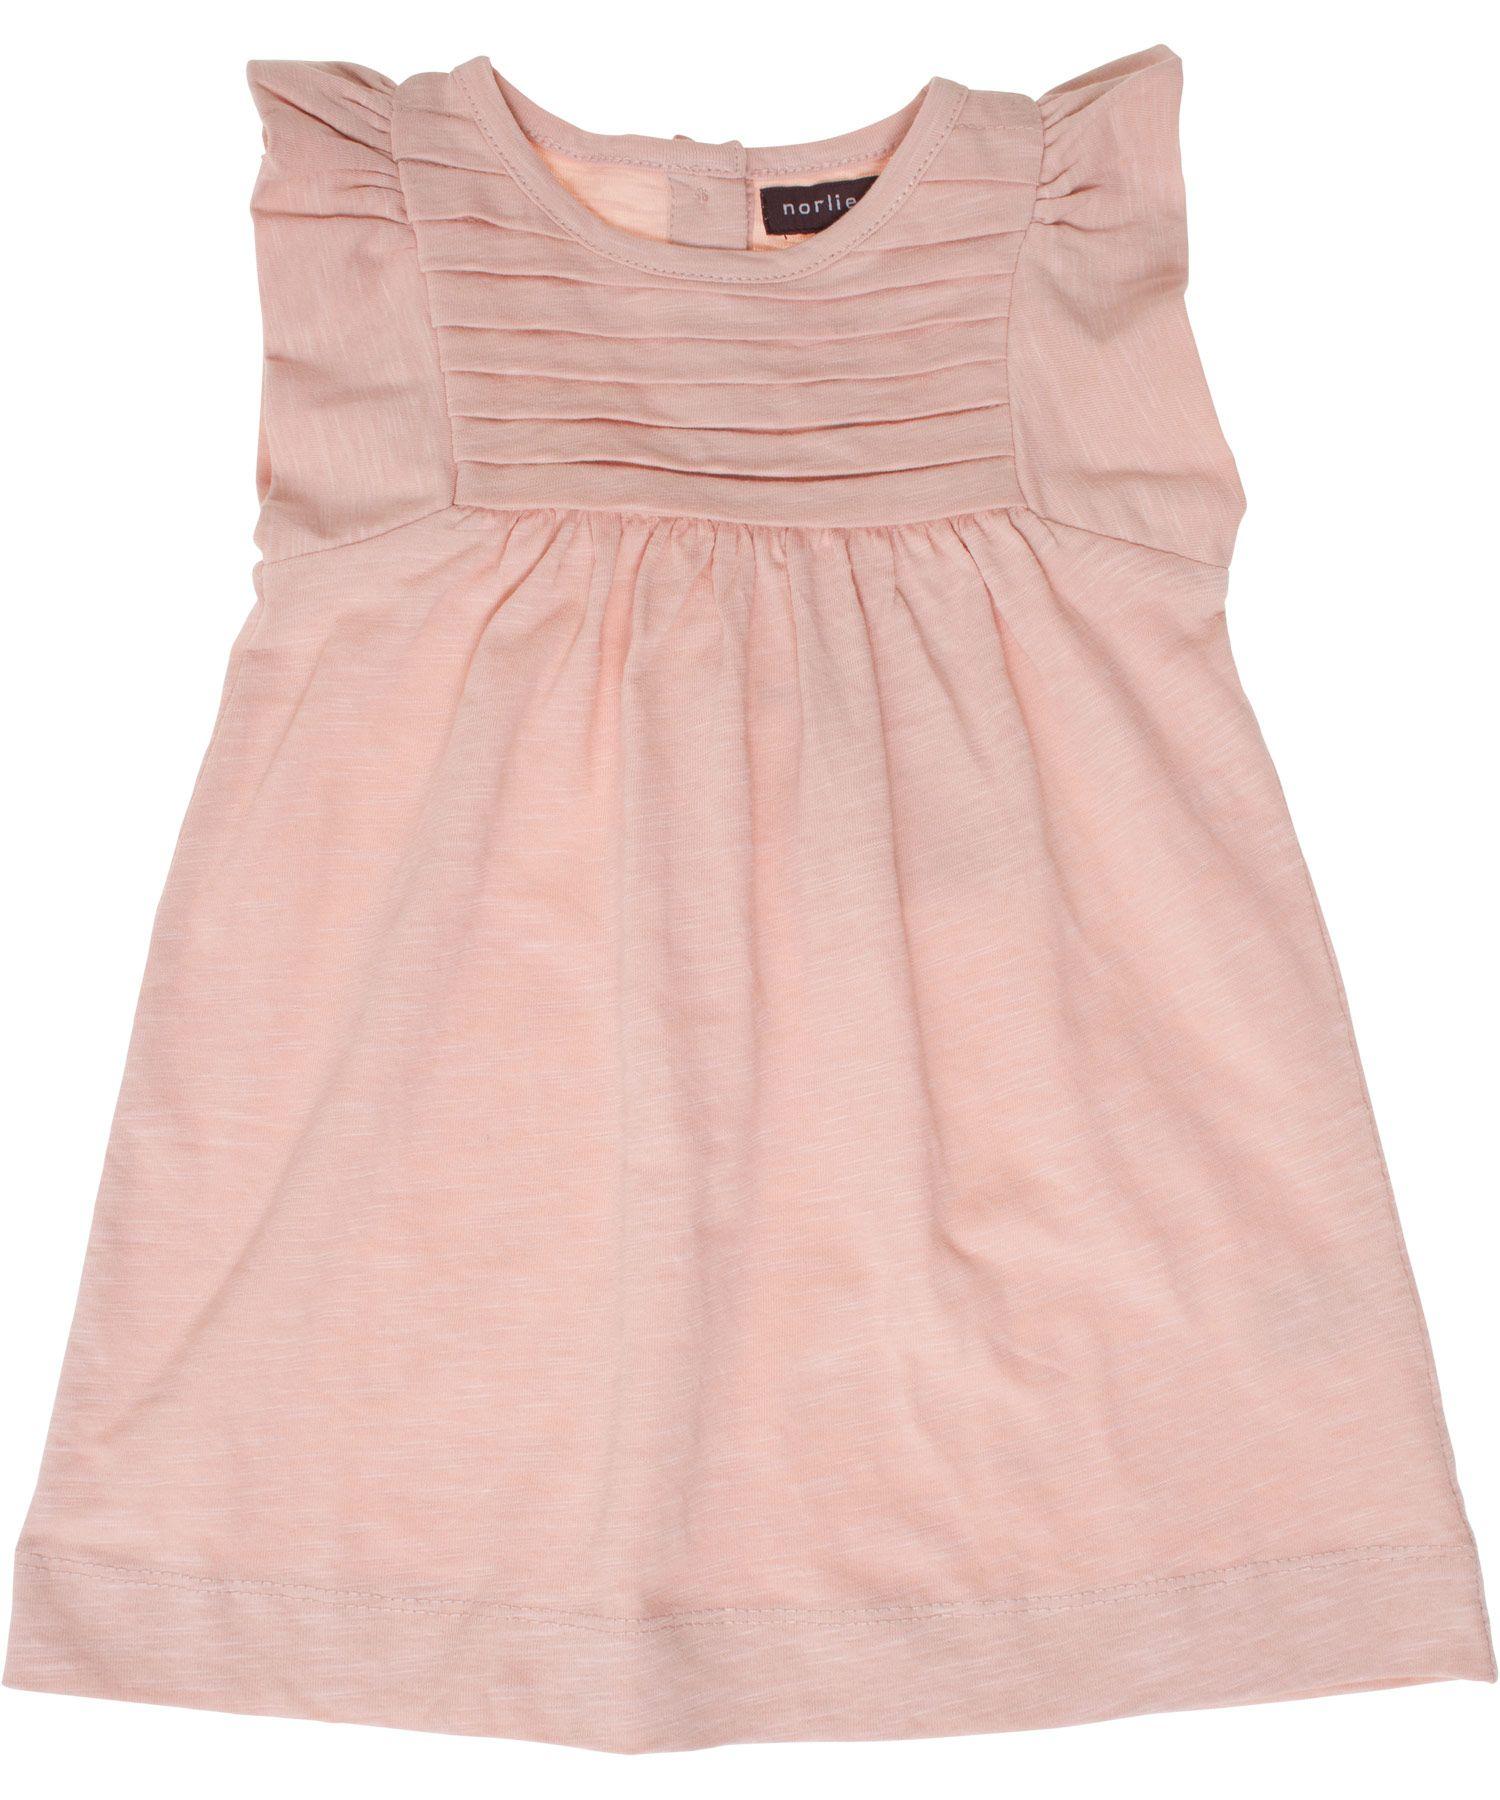 Norlie baby jurkje in zacht roosSlub jersey | La princesa